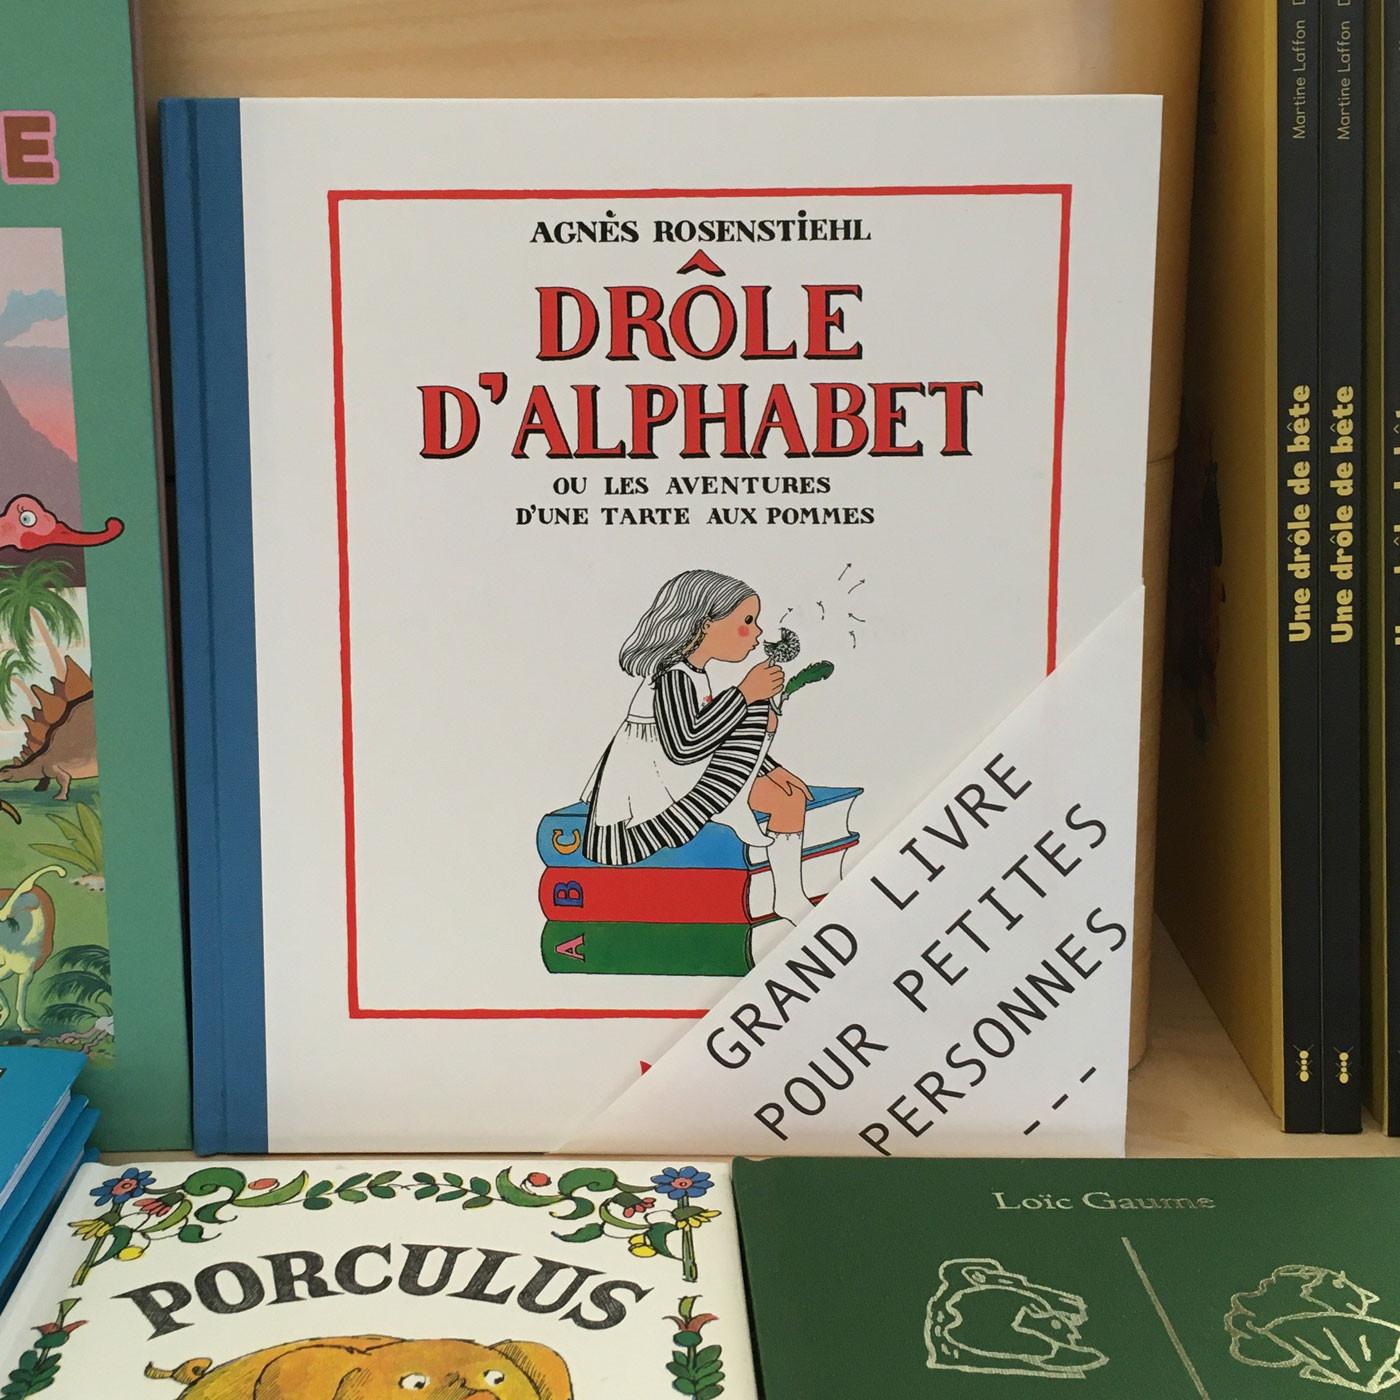 Grands livres pour petites personnes #18 - Drôle d'alphabet ou les aventures d'une tarte aux pommes